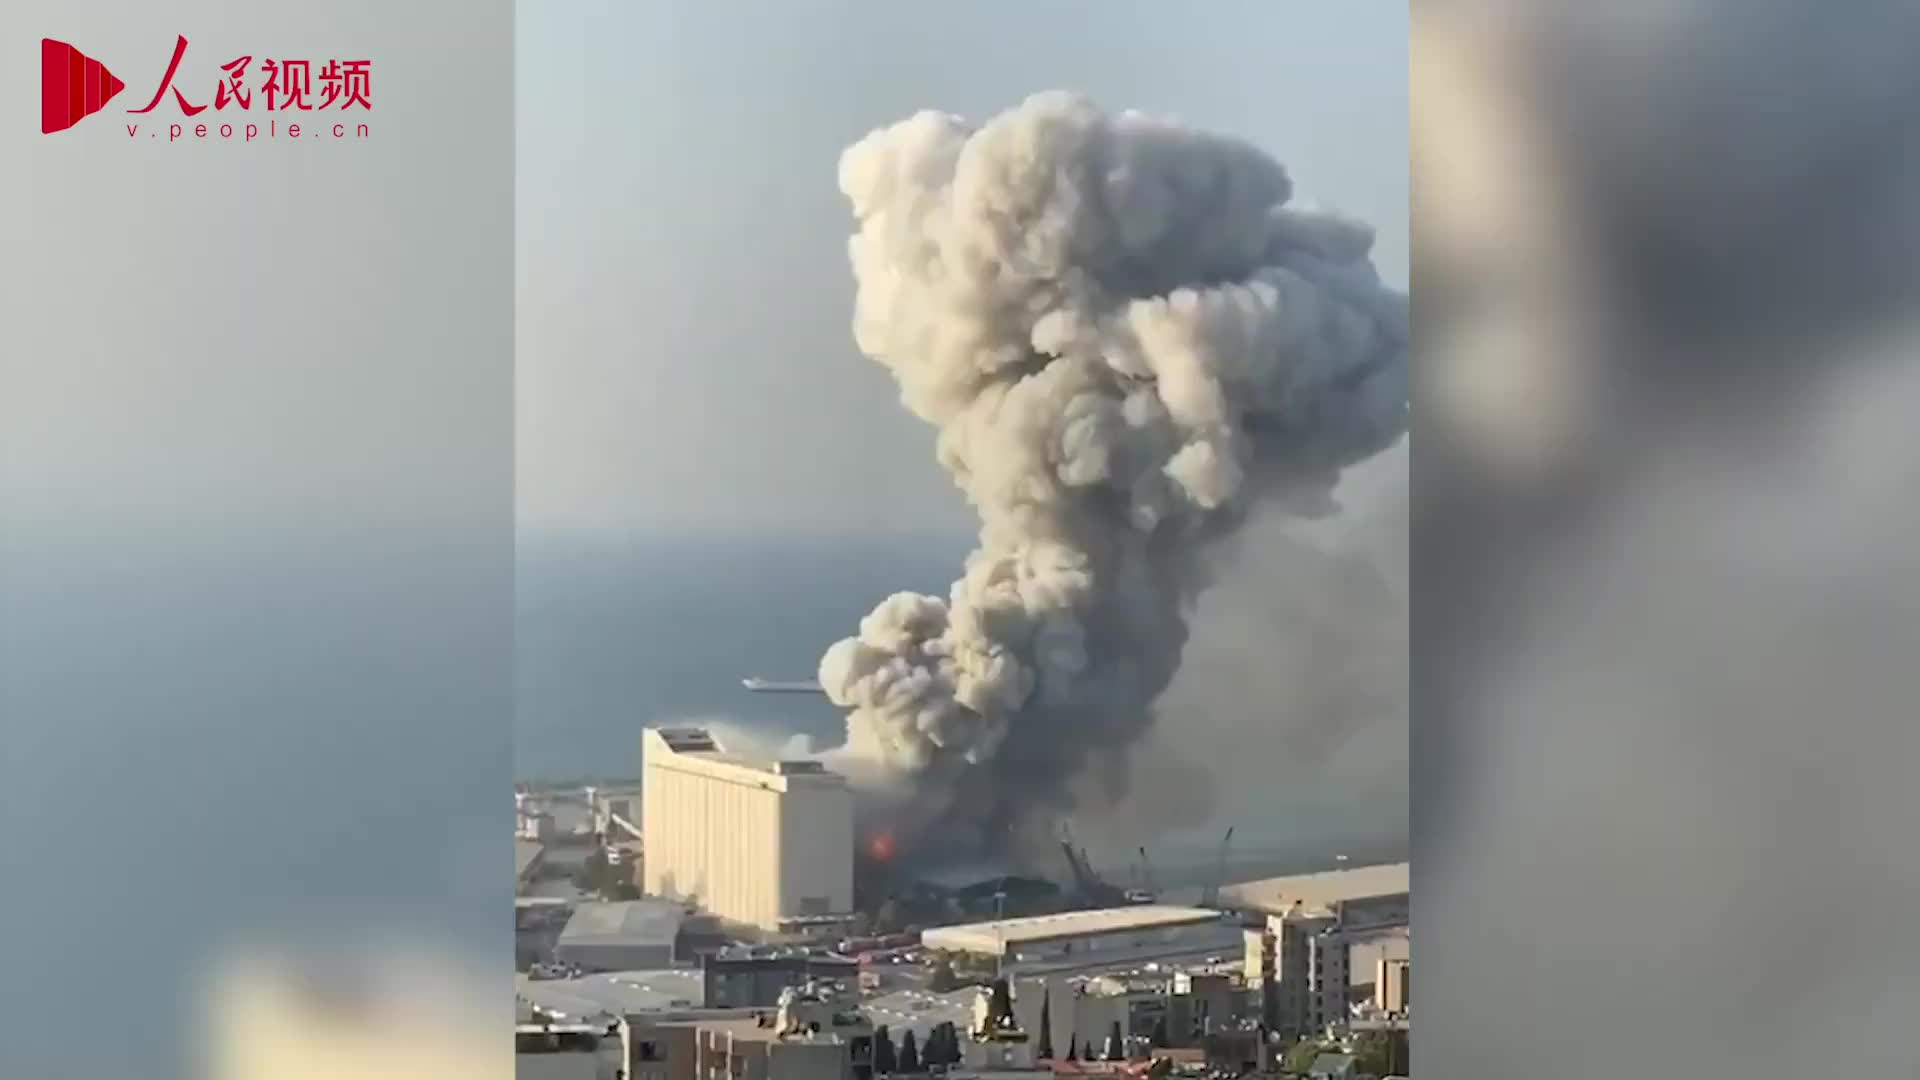 黎巴嫩首都爆炸死亡人数已超100人